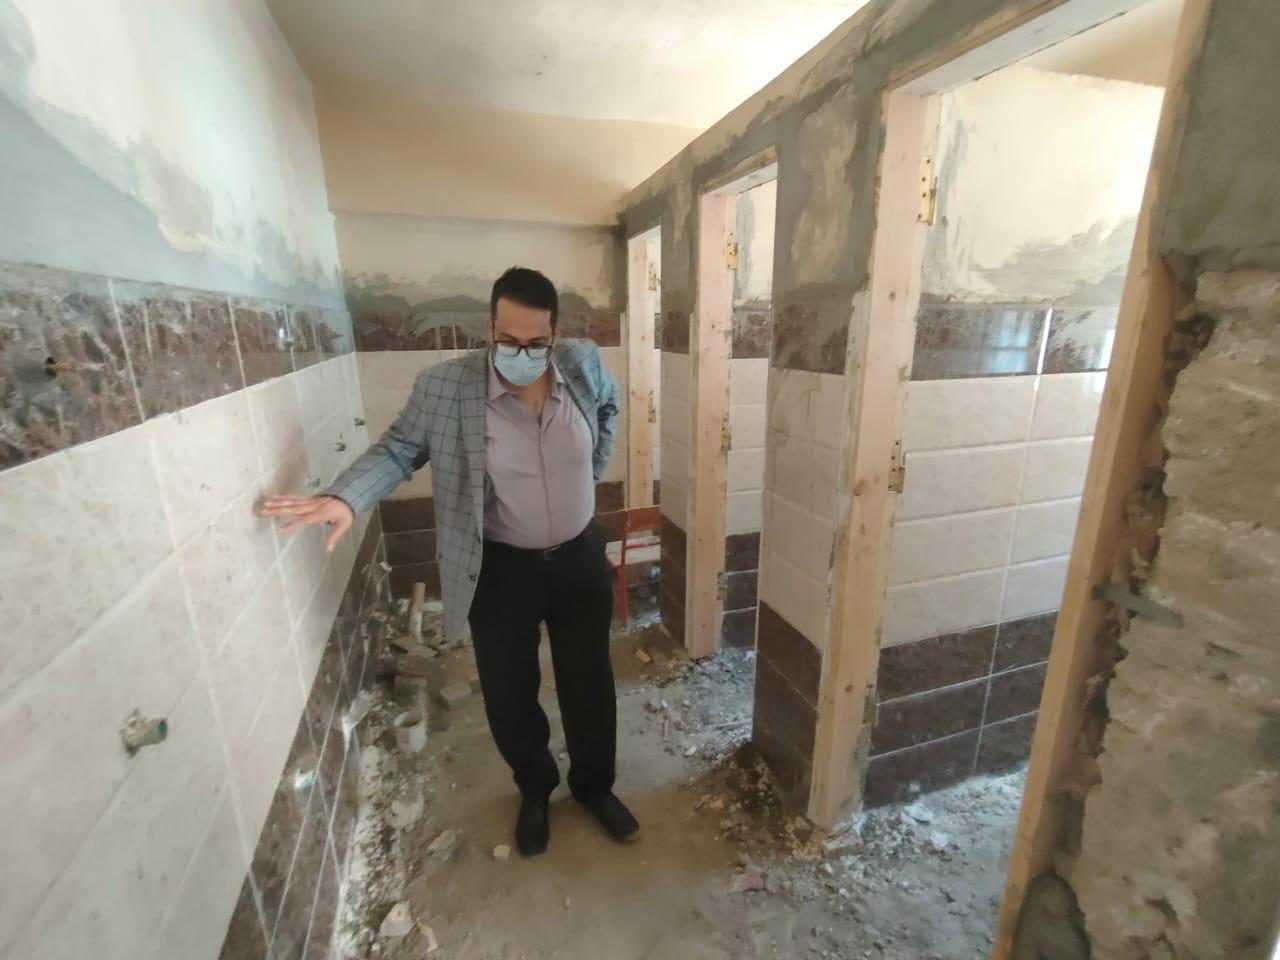 وكيل ;تعليم الغربية; يتفقد أعمال الصيانة الشاملة بمدرسة الإمام الشافعي للغات | صور